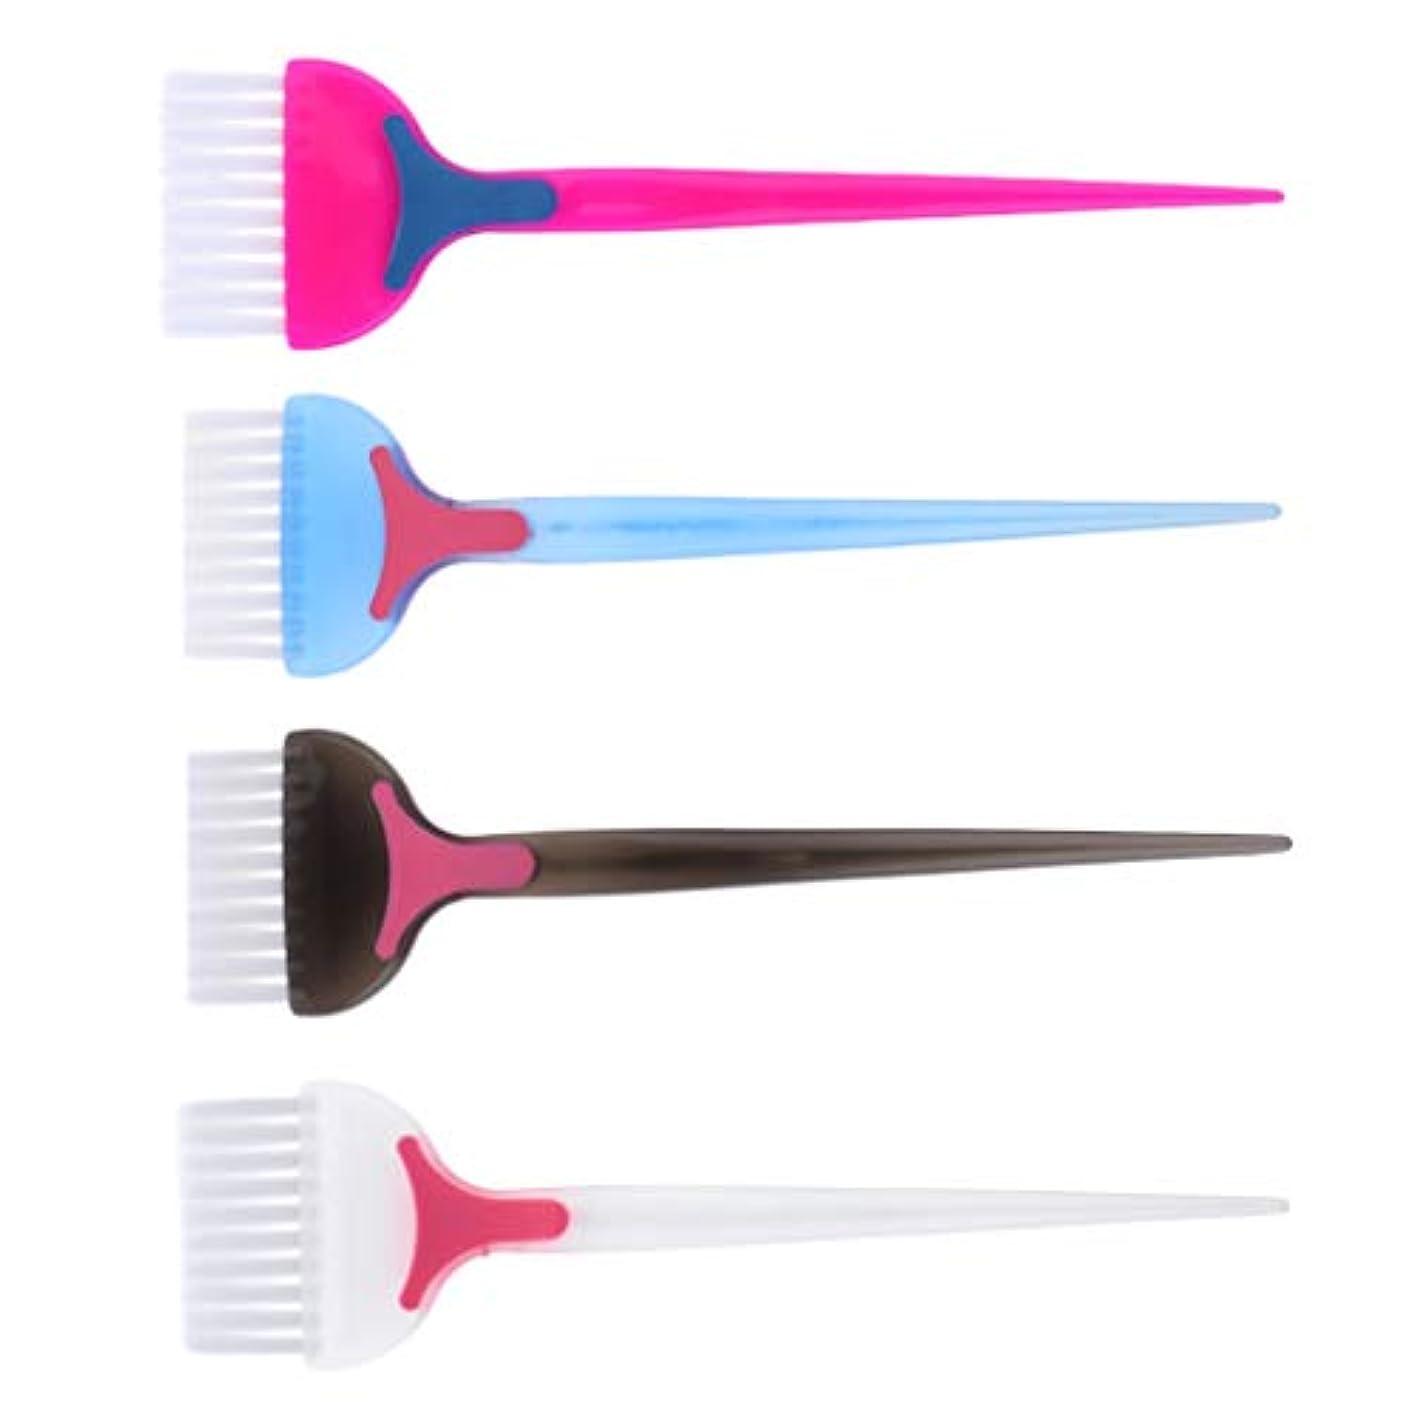 経由でガイドネーピアヘアダイ コーム 髪染めブラシ 天然樹脂 耐高温 帯電防止 靭性 壊れにくい 家庭用 美容師プロ用